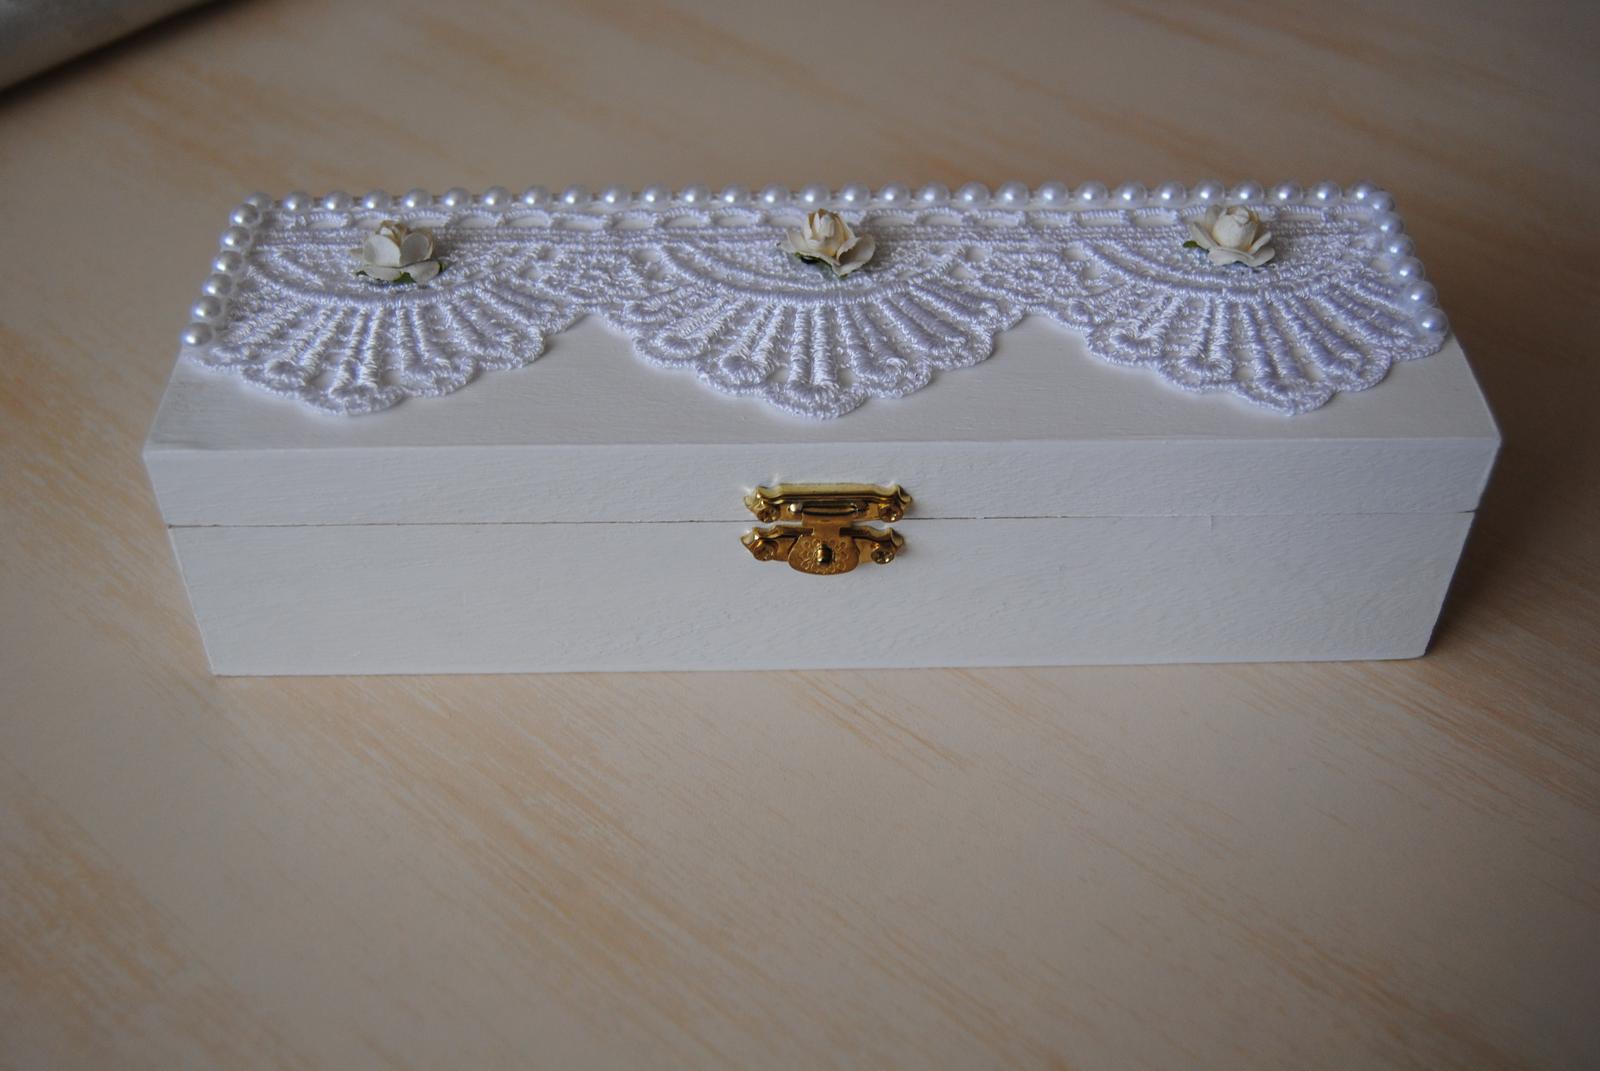 Biela drevená krabička na svadobné spomienky - Obrázok č. 1